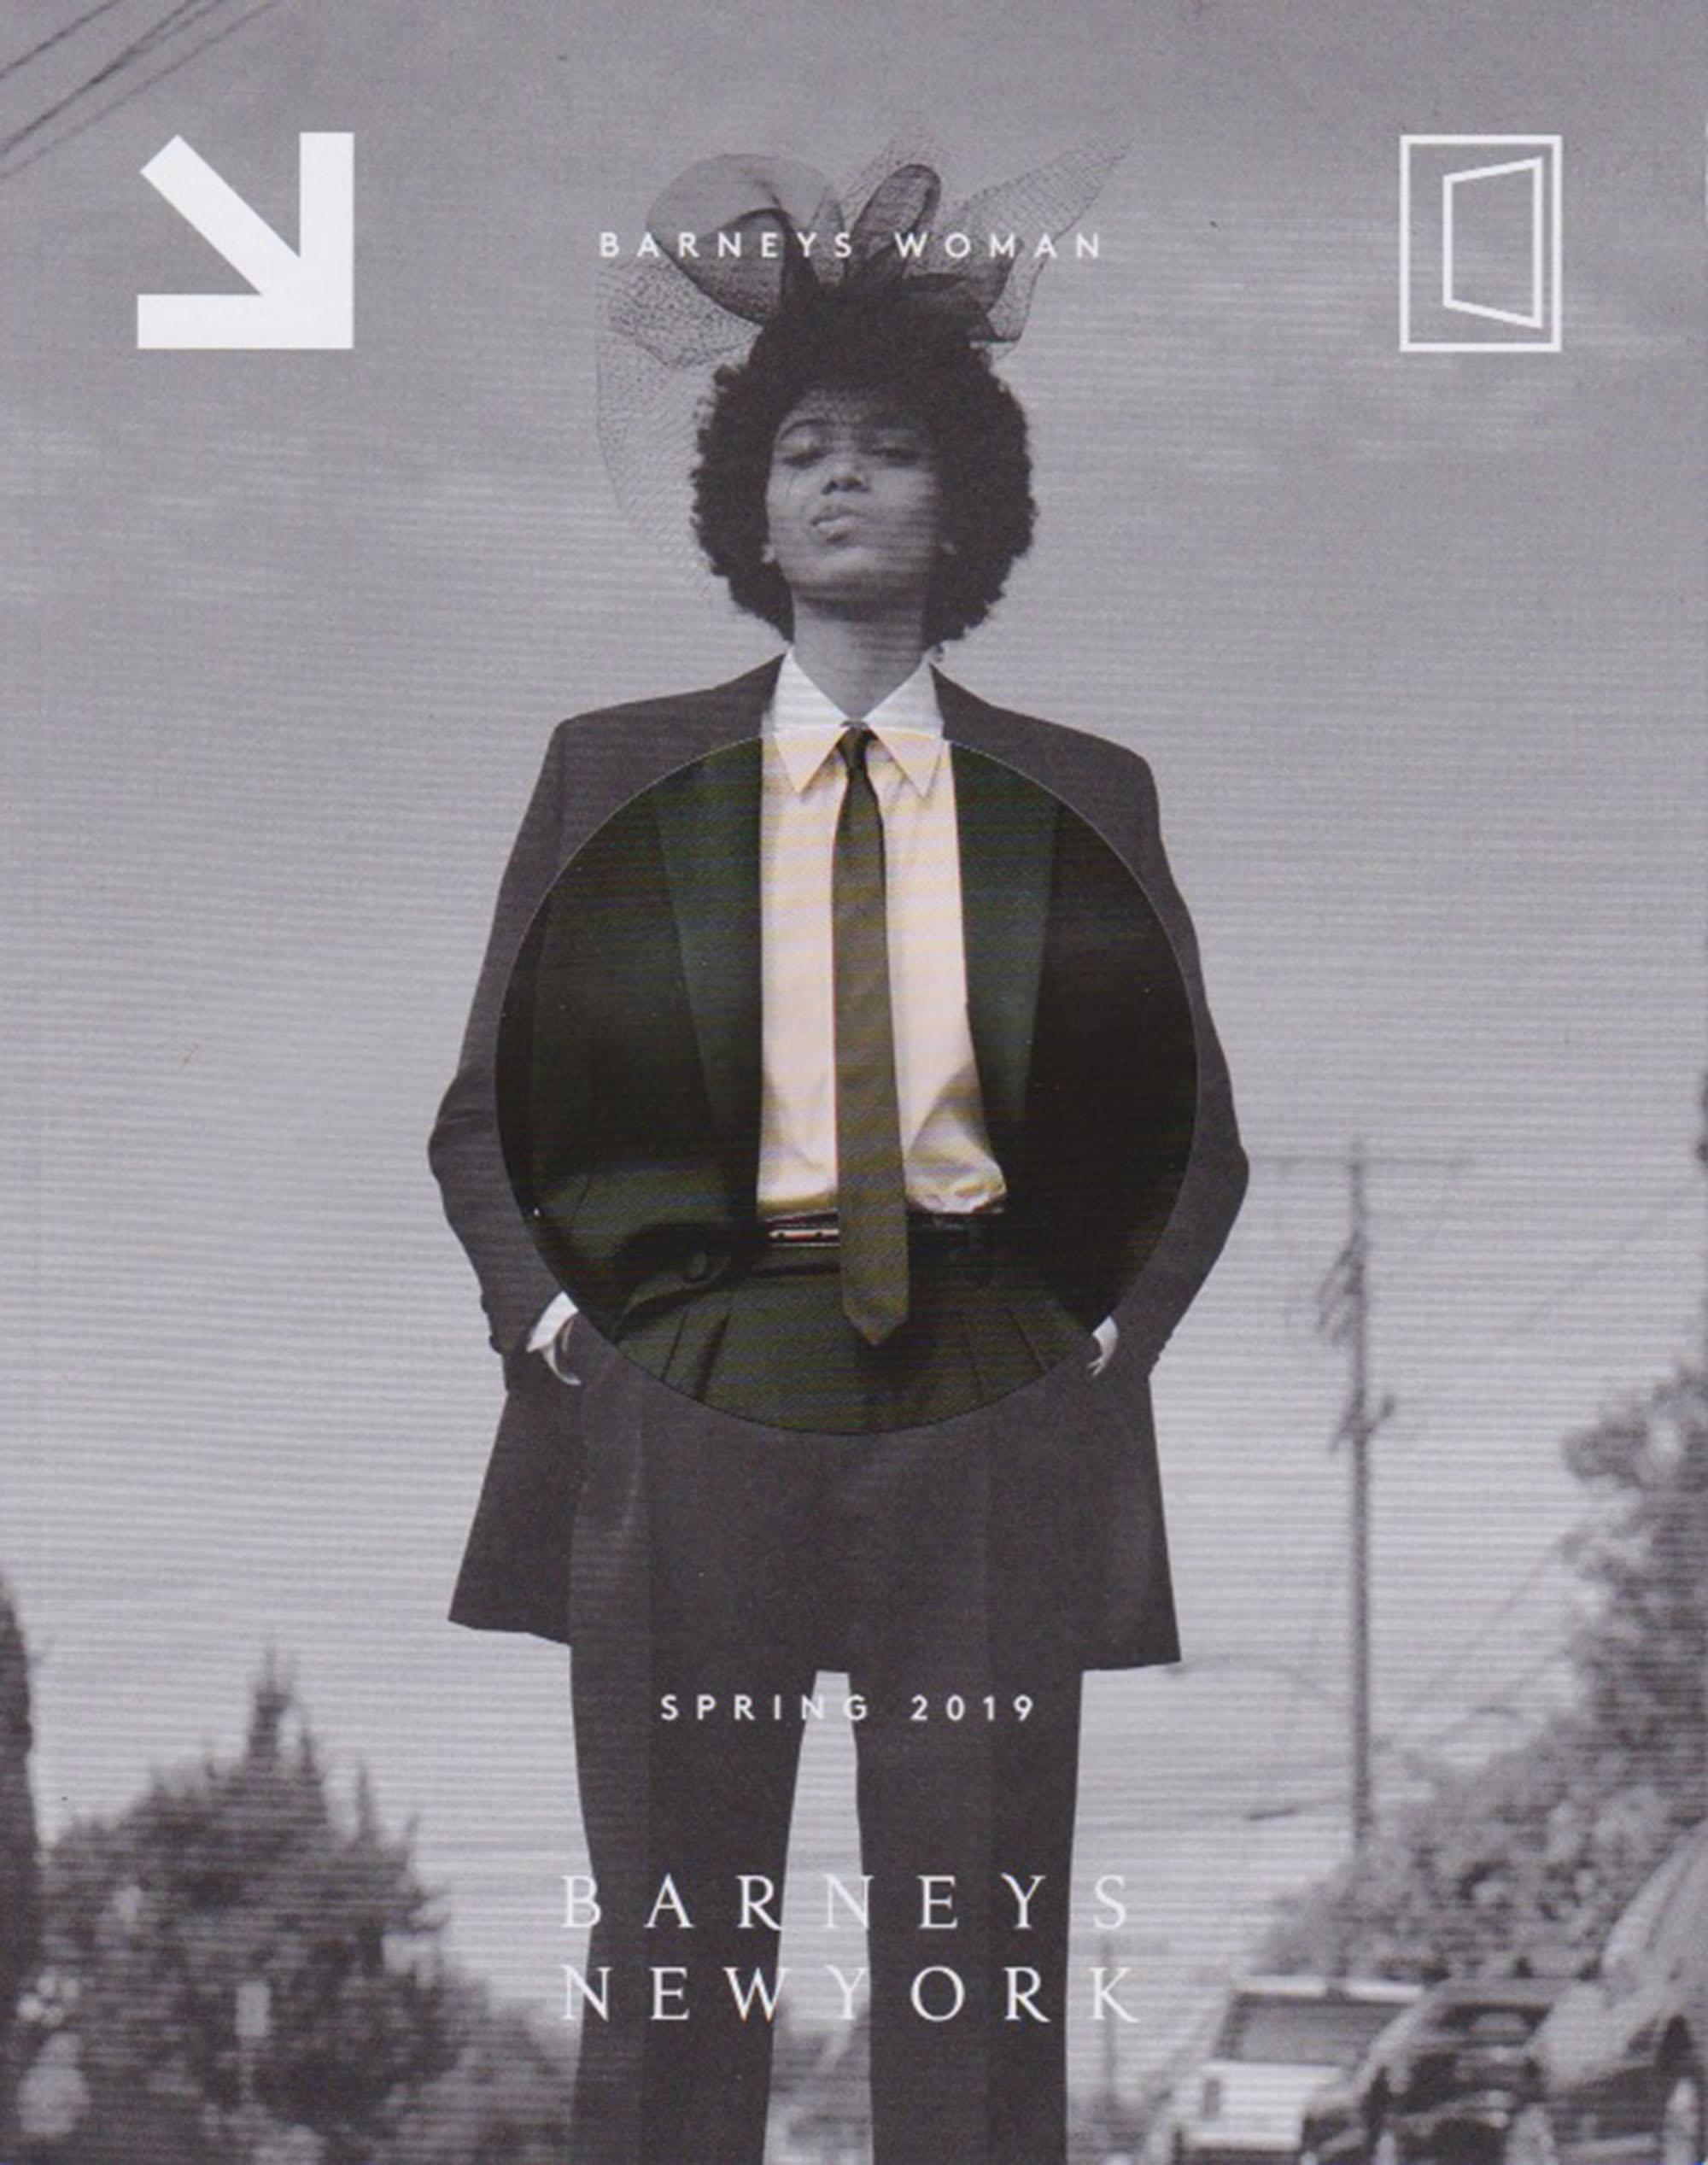 Spring 2019 Barneys Kalmanovich Cover.jpg